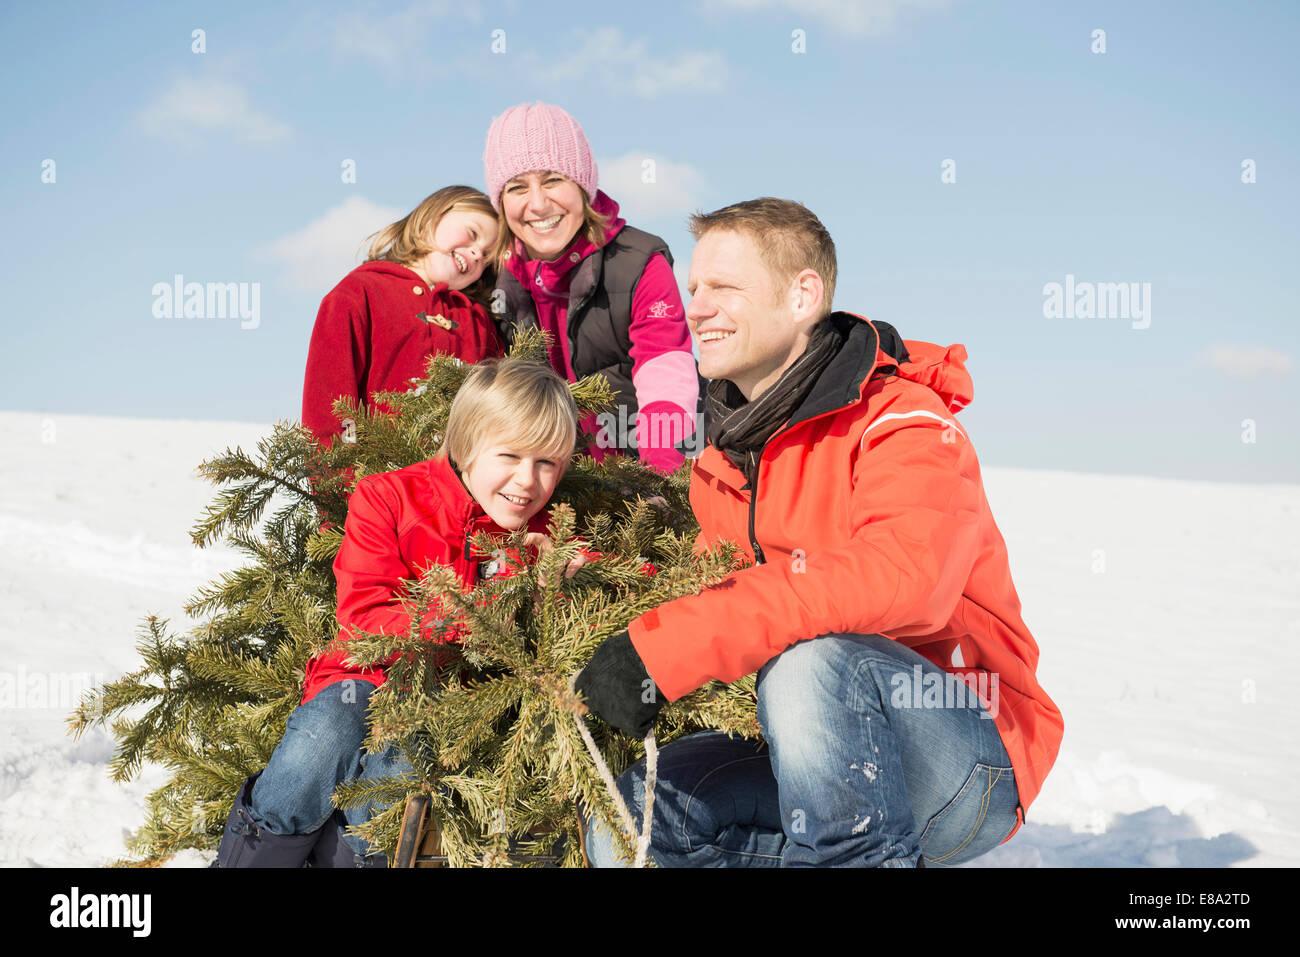 Séance familiale avec des branches en hiver, smiling, Bavière, Allemagne Photo Stock